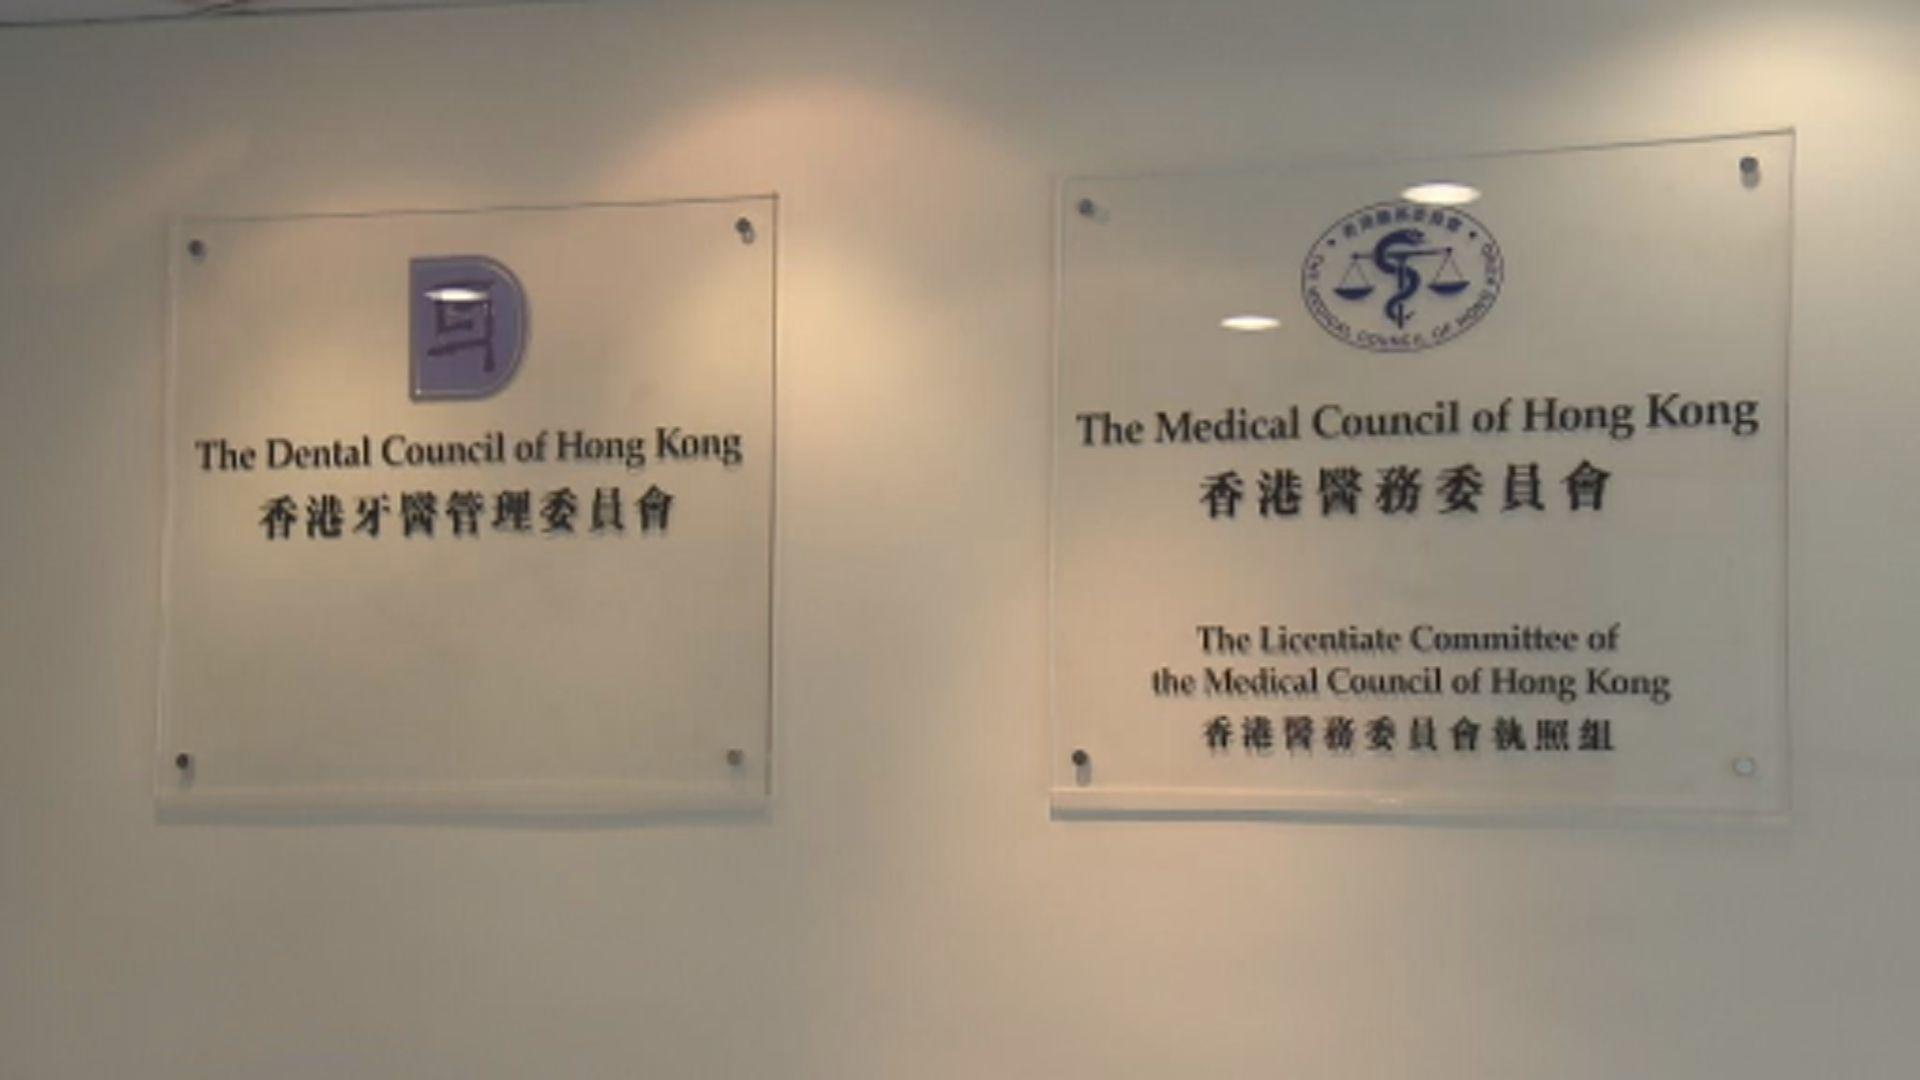 逾半醫委會委員冀提前討論海外醫生免實習